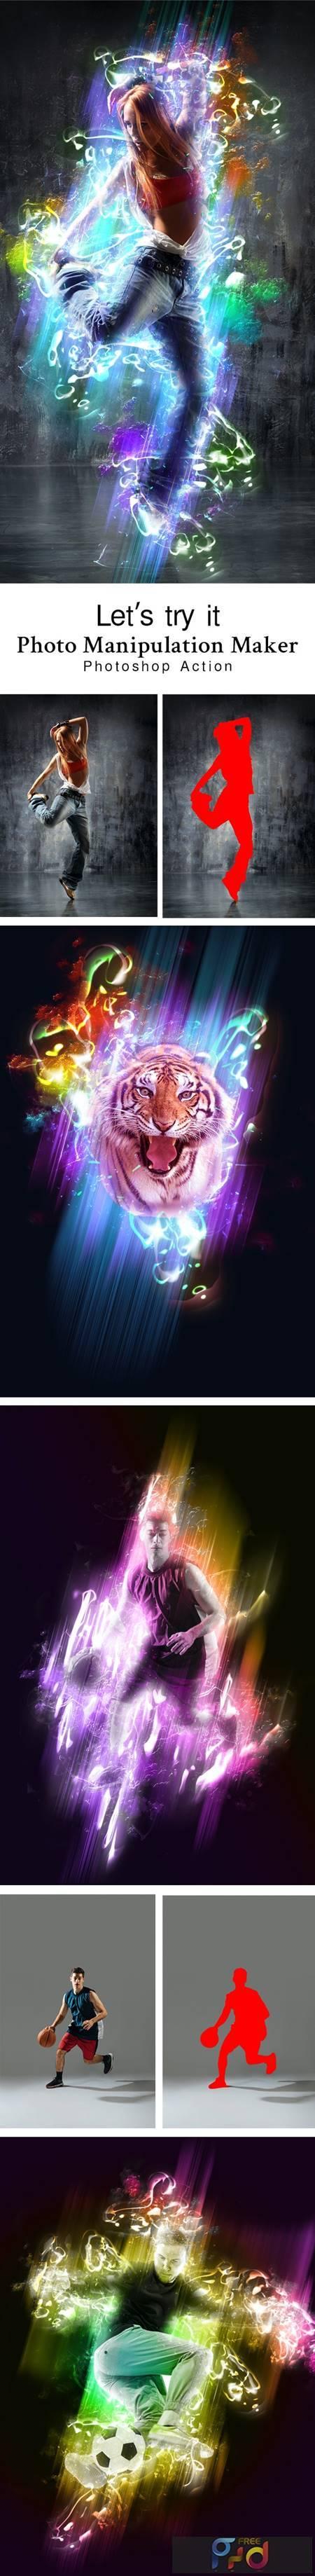 Photo Manipulation Maker Photoshop Action 28807039 1